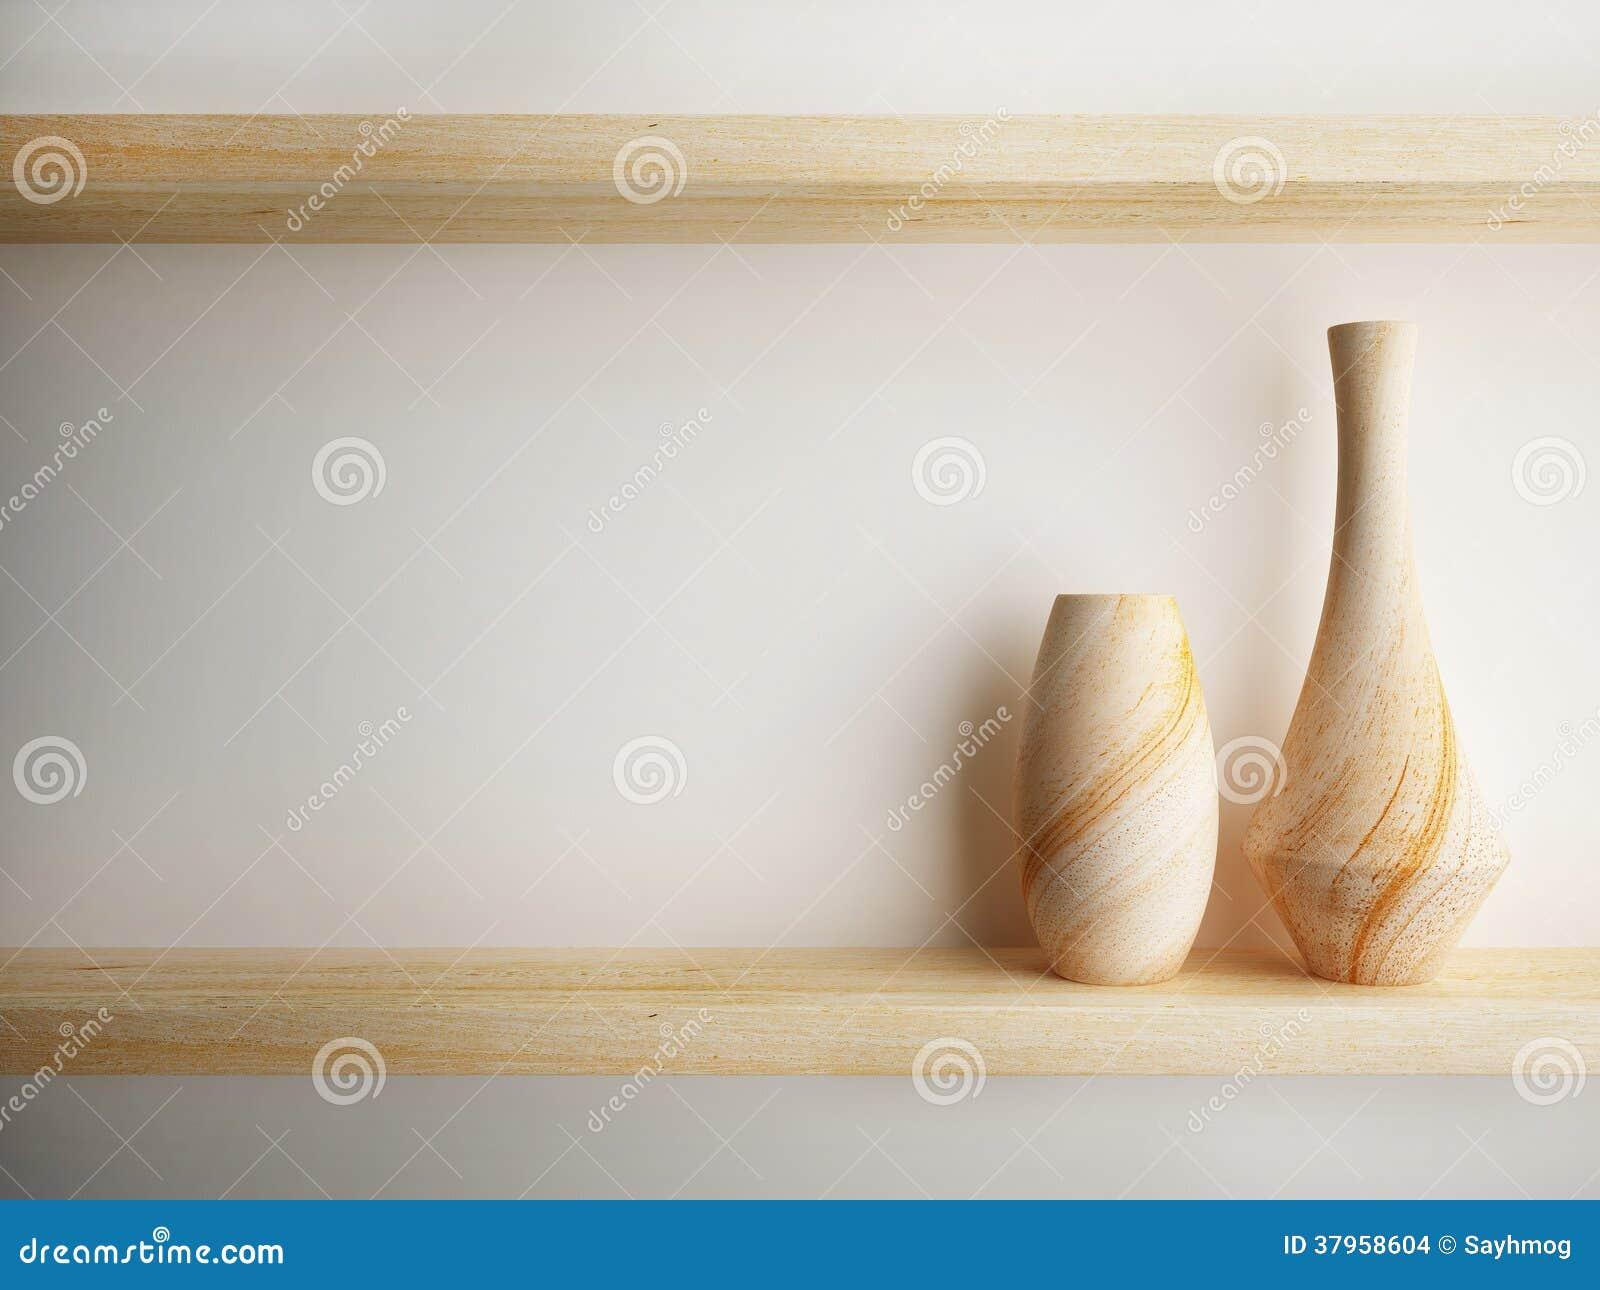 Wazowy drewno na półce dekoruje projekt